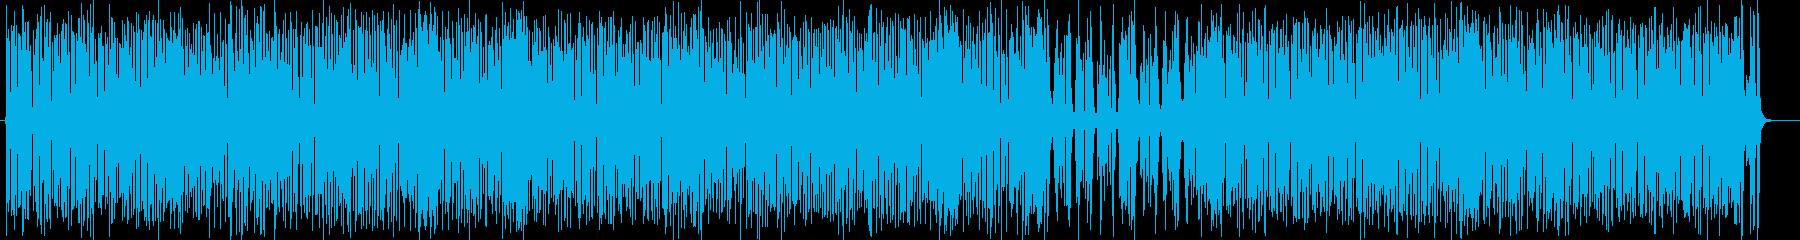 トランペットのキャッチーで楽しい弾む曲の再生済みの波形